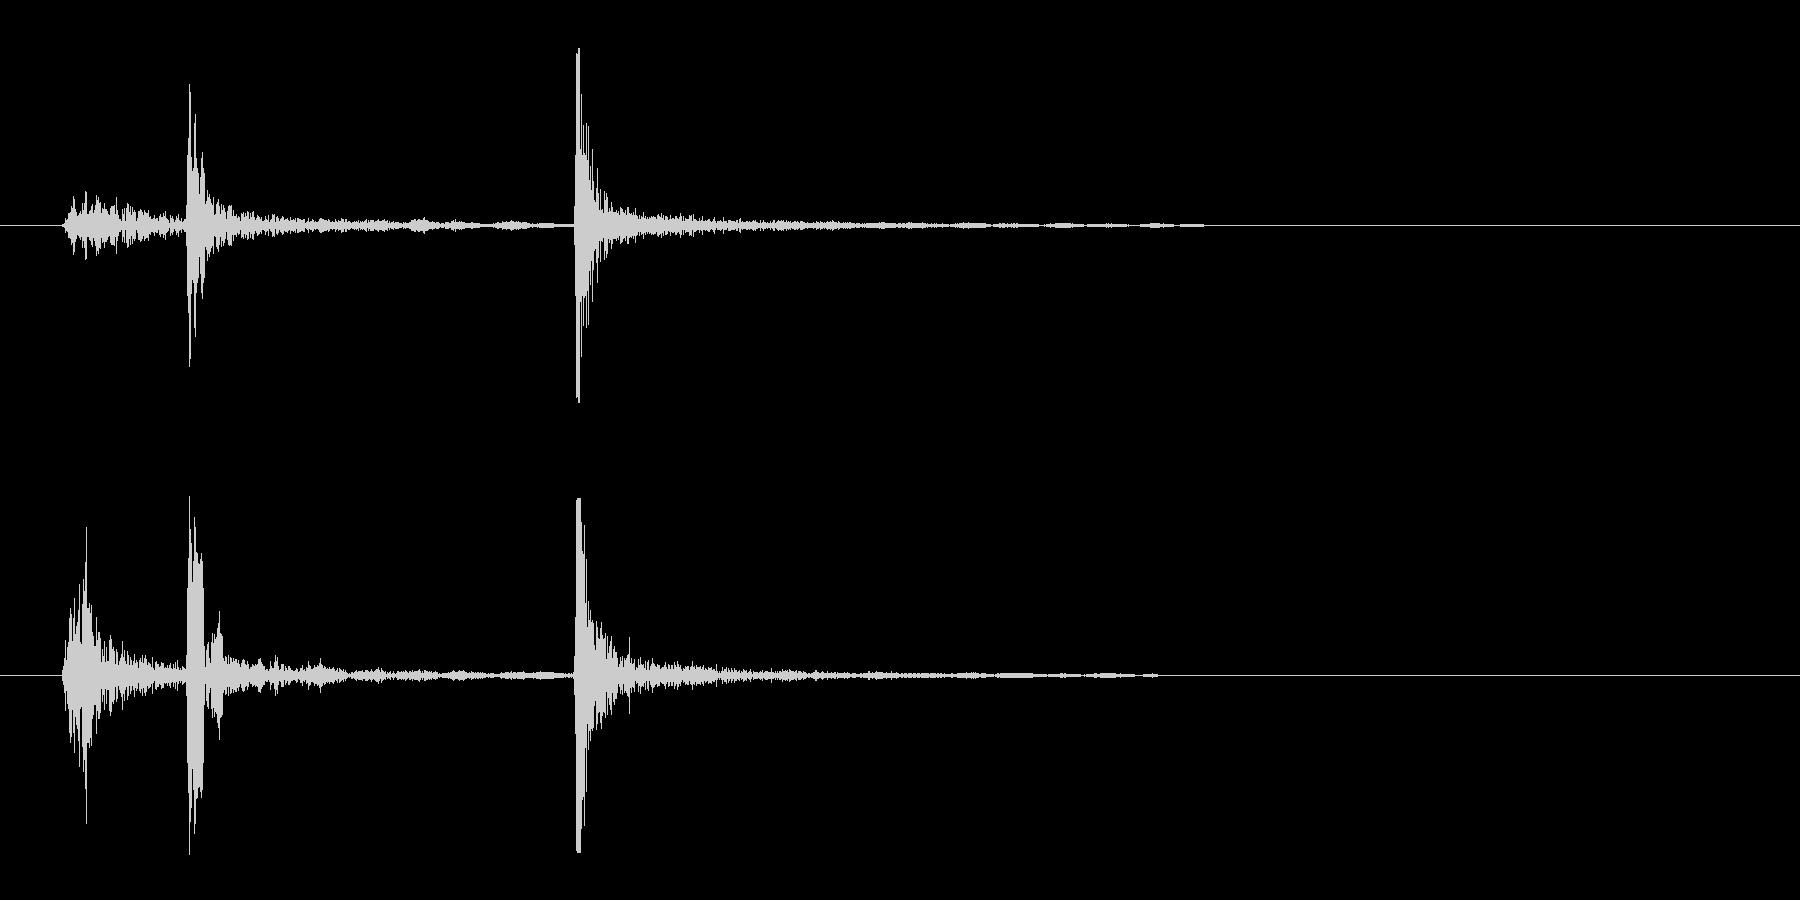 カチッ(駒を置いた時のような音)の未再生の波形